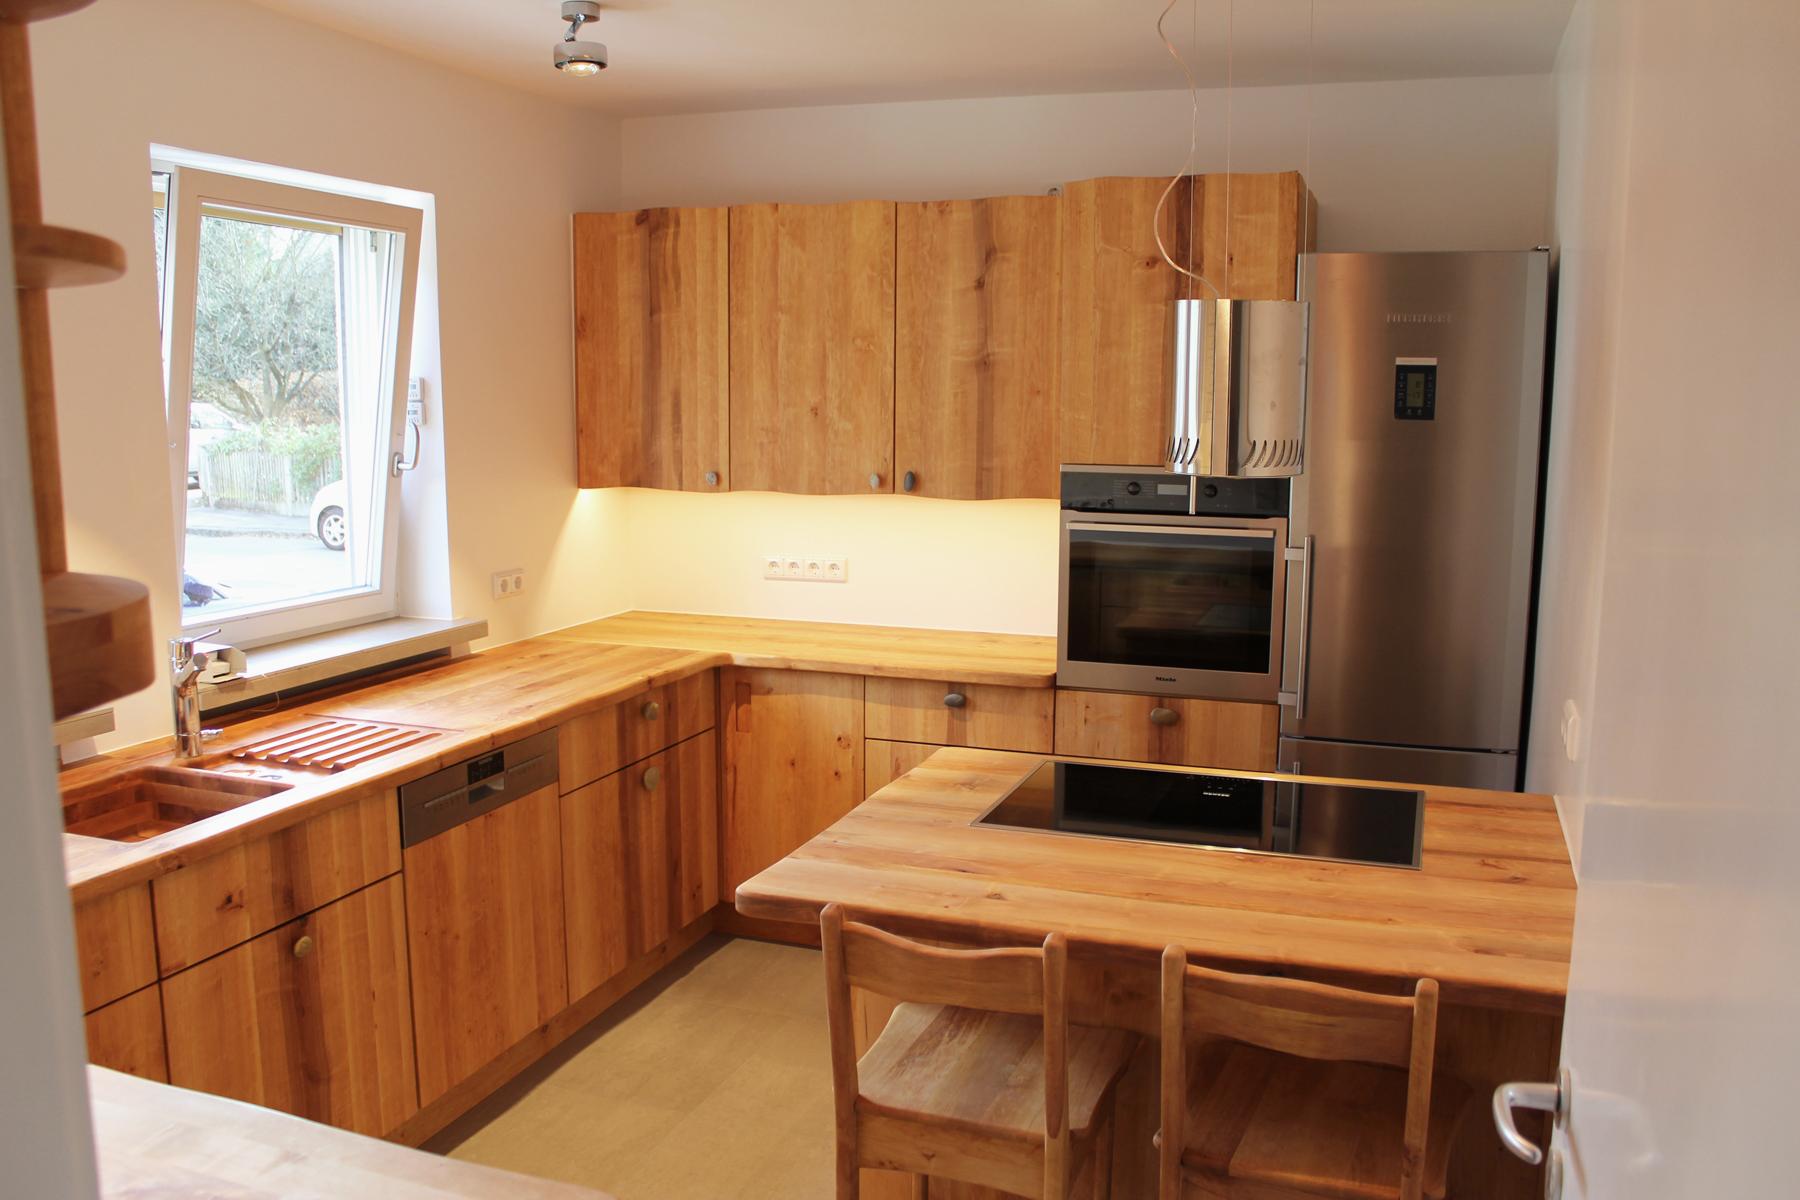 Küchen-Beispiele  i-tüpfele